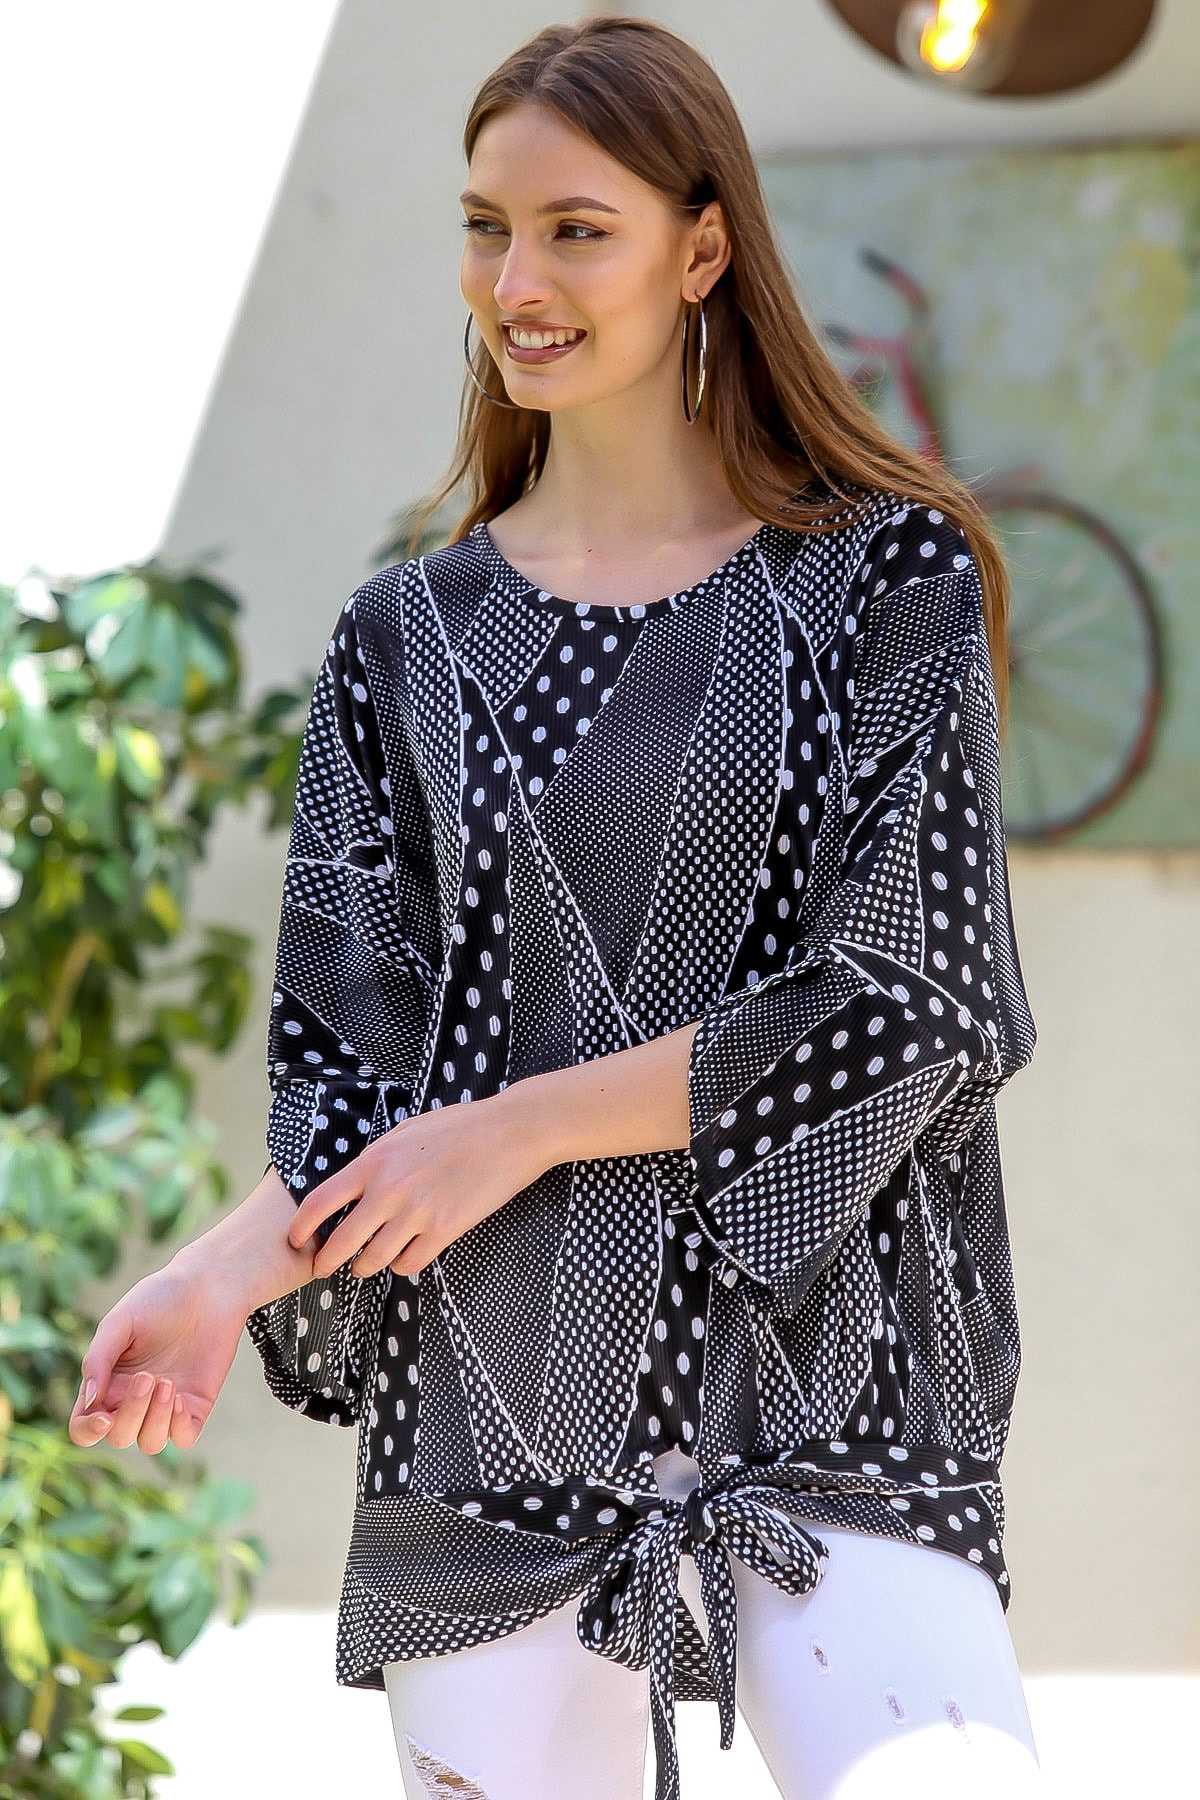 Chiccy Kadın Siyah Pliseli Puantiye Desenli 3/4 Kol Bağlamalı Bluz M10010200BL95402 2